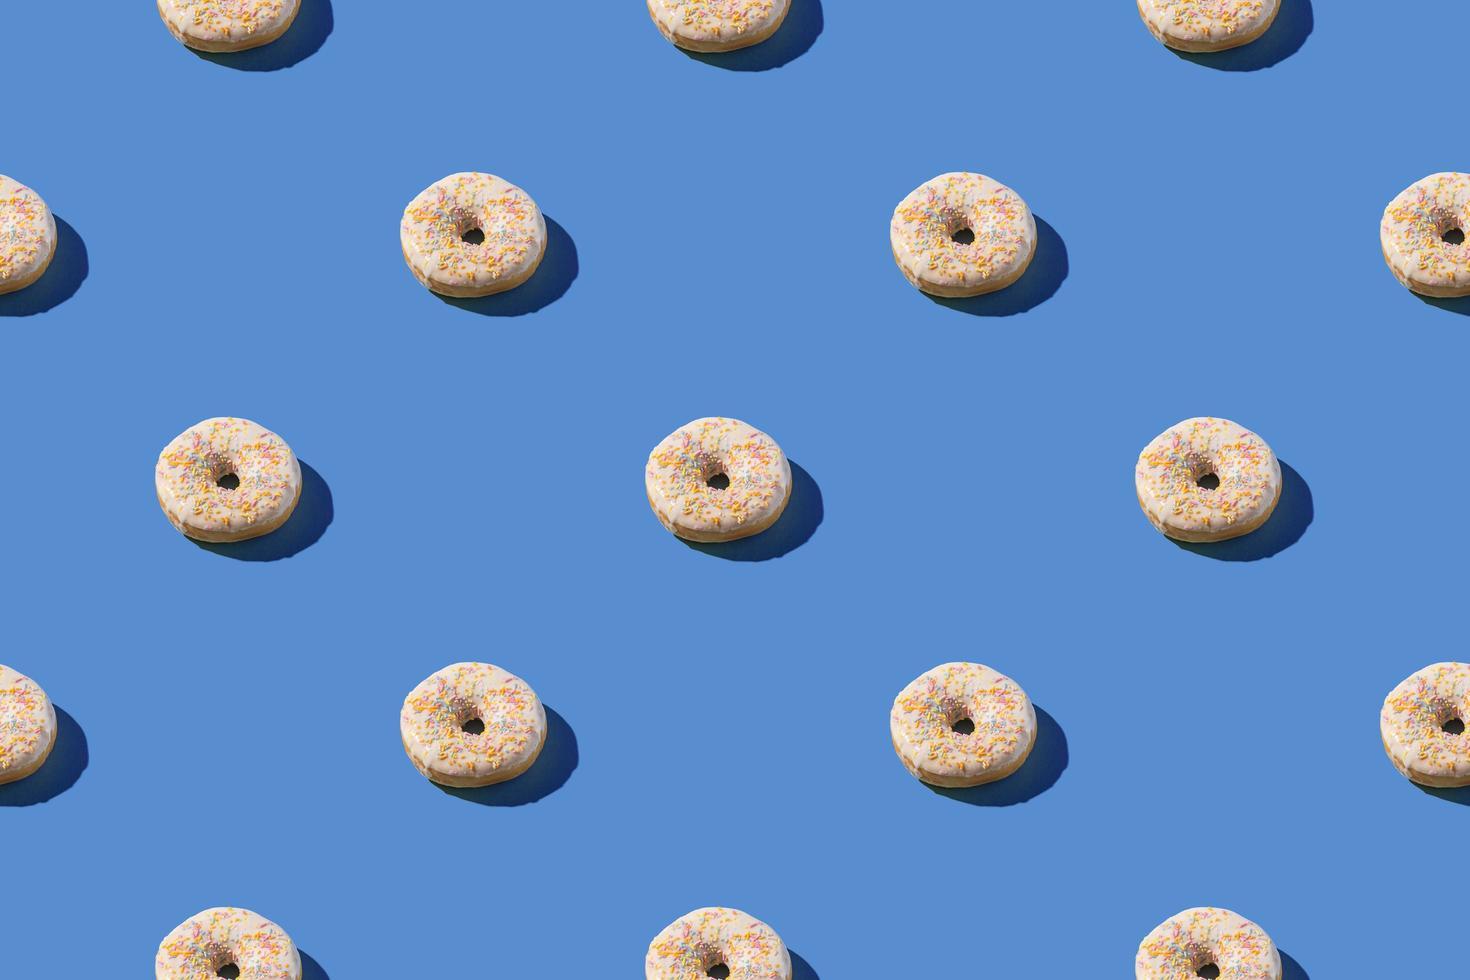 beignets blancs vanille dans un modèle sans couture photo